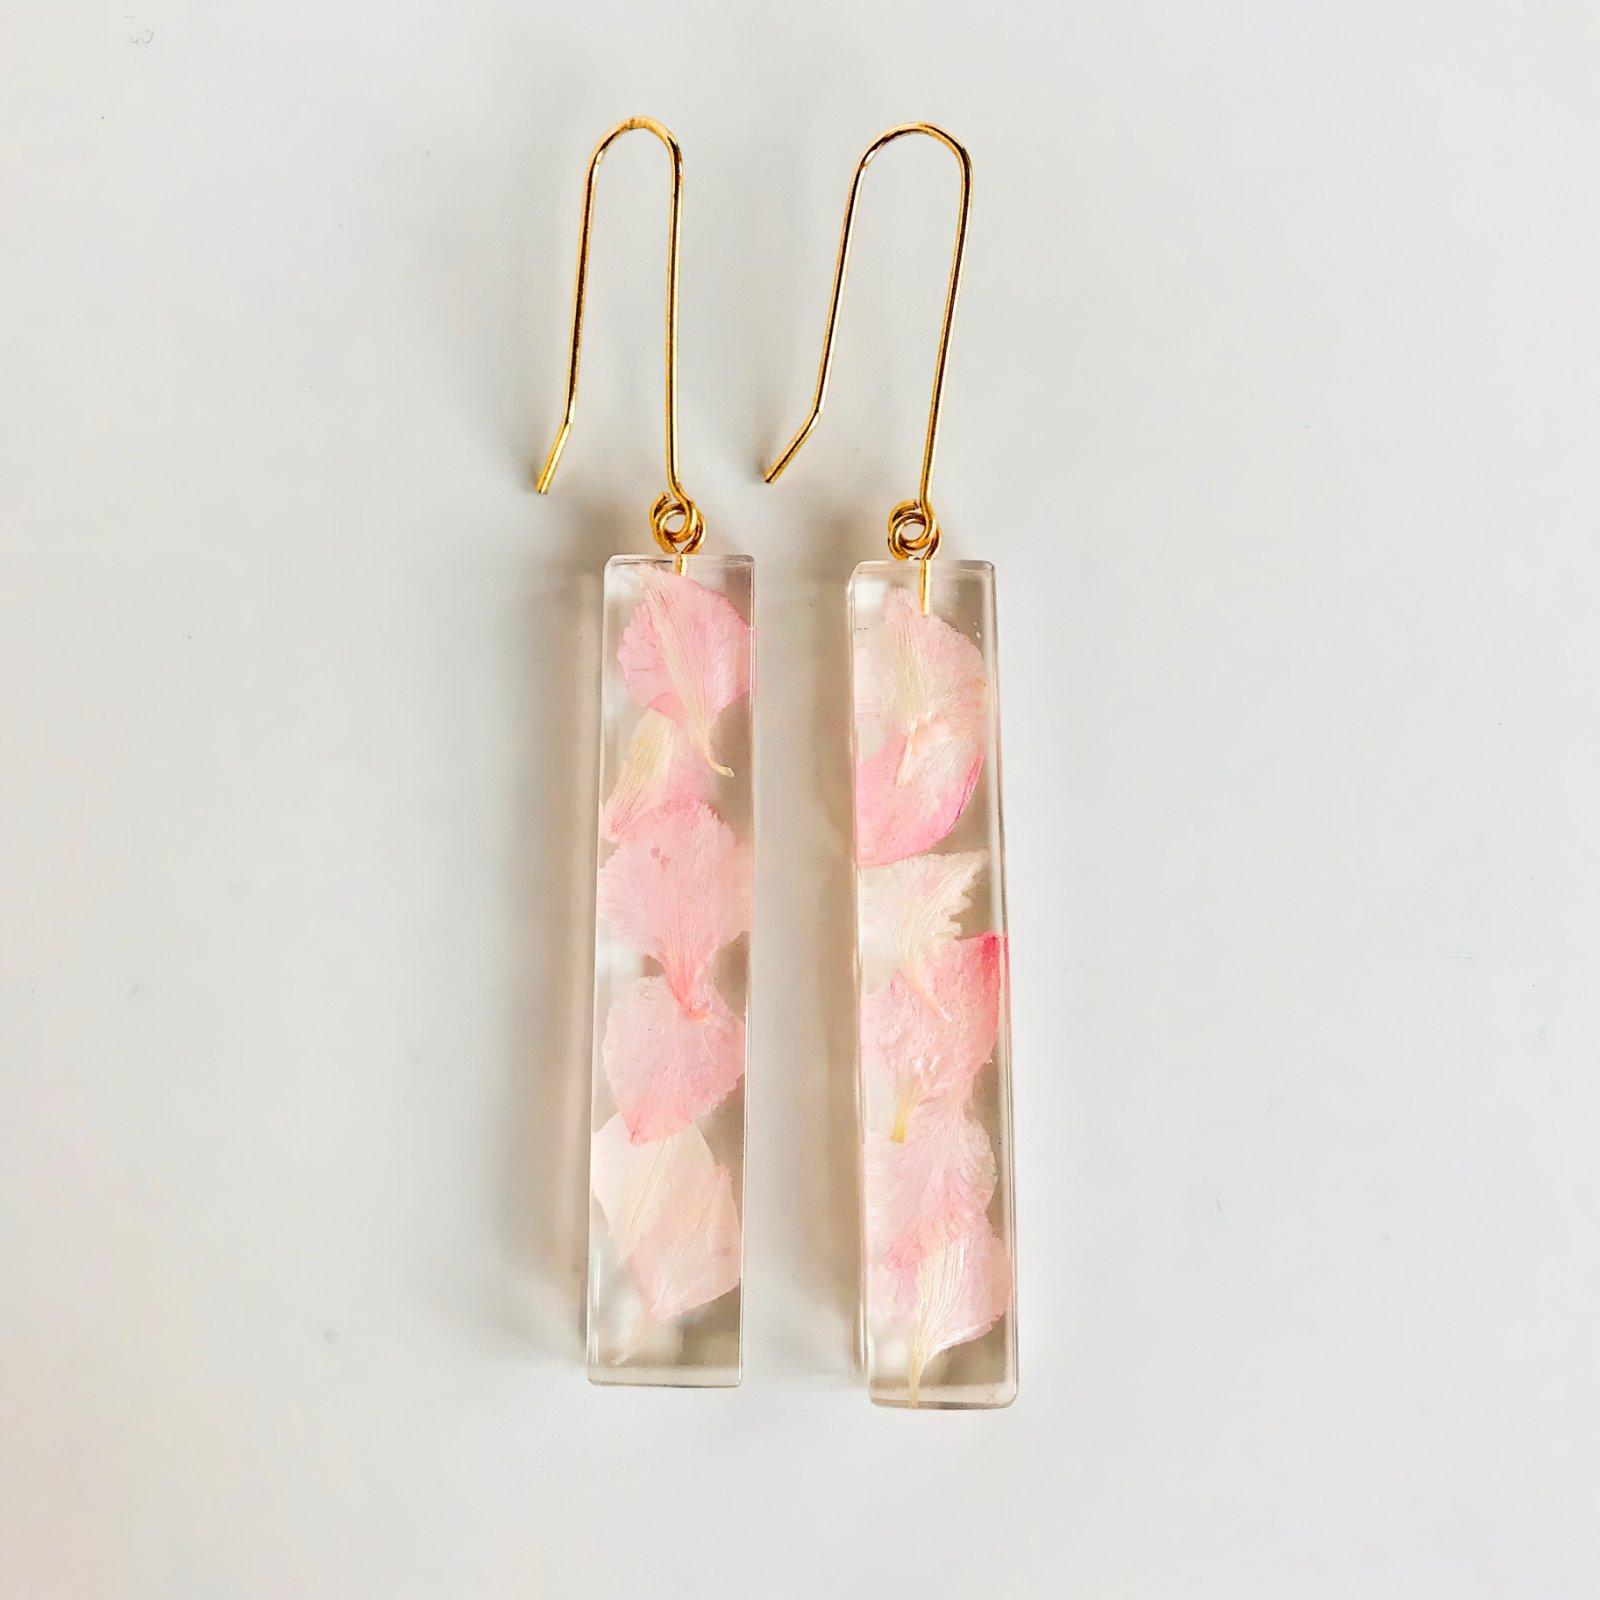 Botanical Cherry Polito Bar Earrings